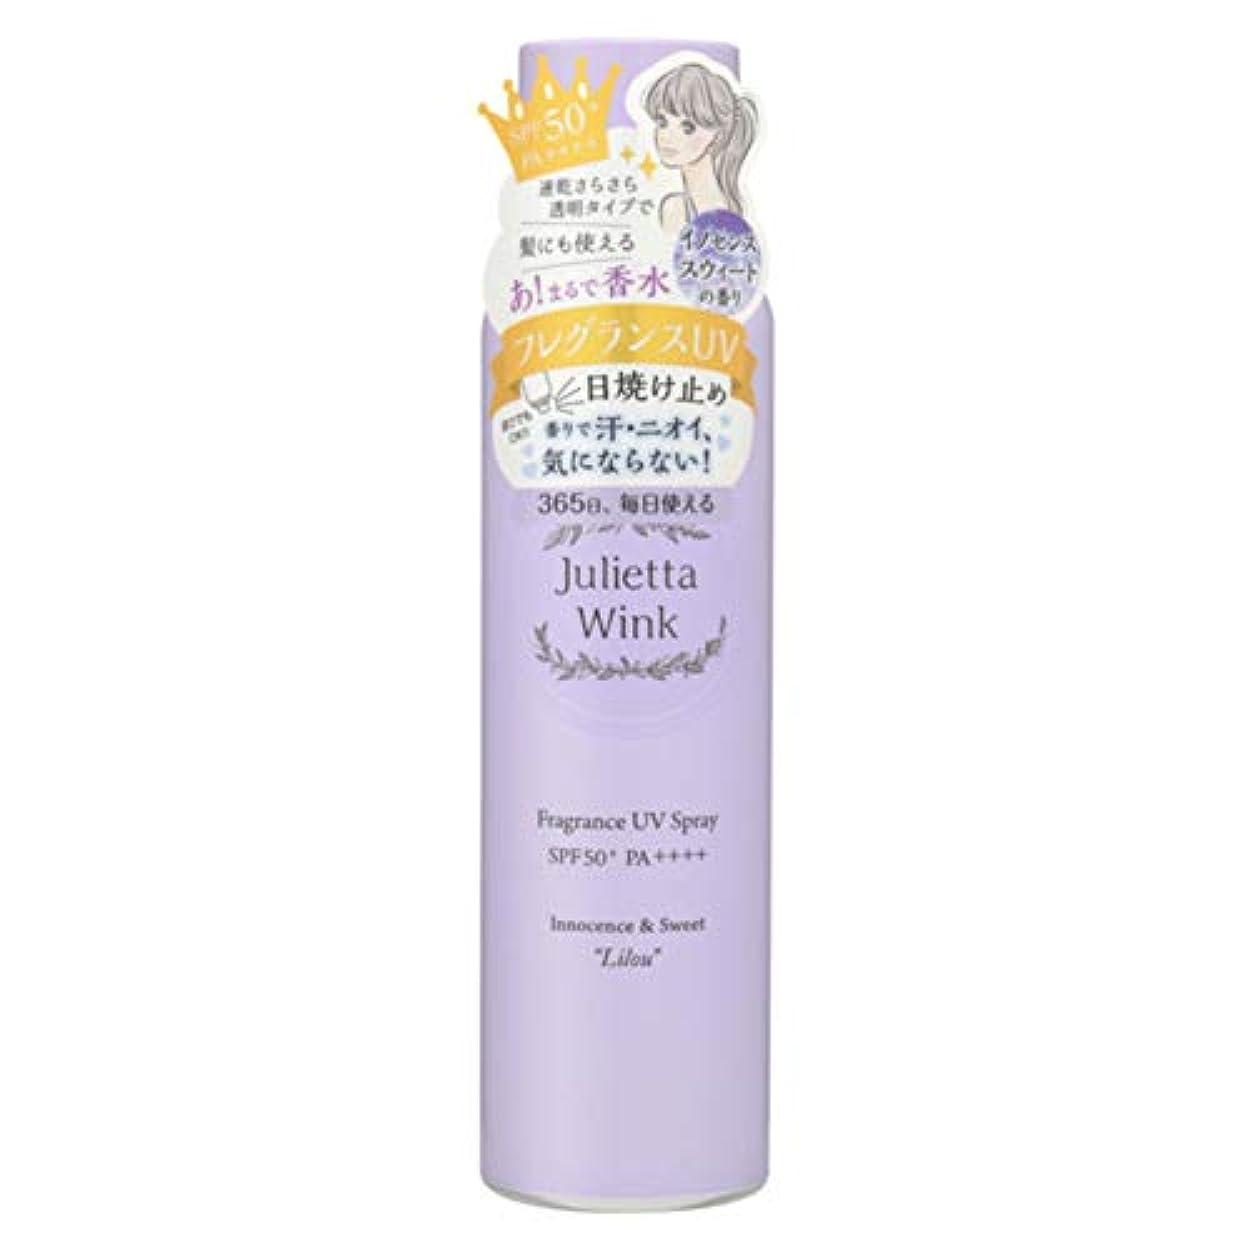 編集する嫌な参照ジュリエッタウィンク フレグランス UVスプレー[リル]100g イノセンススウィートの香り(紫)